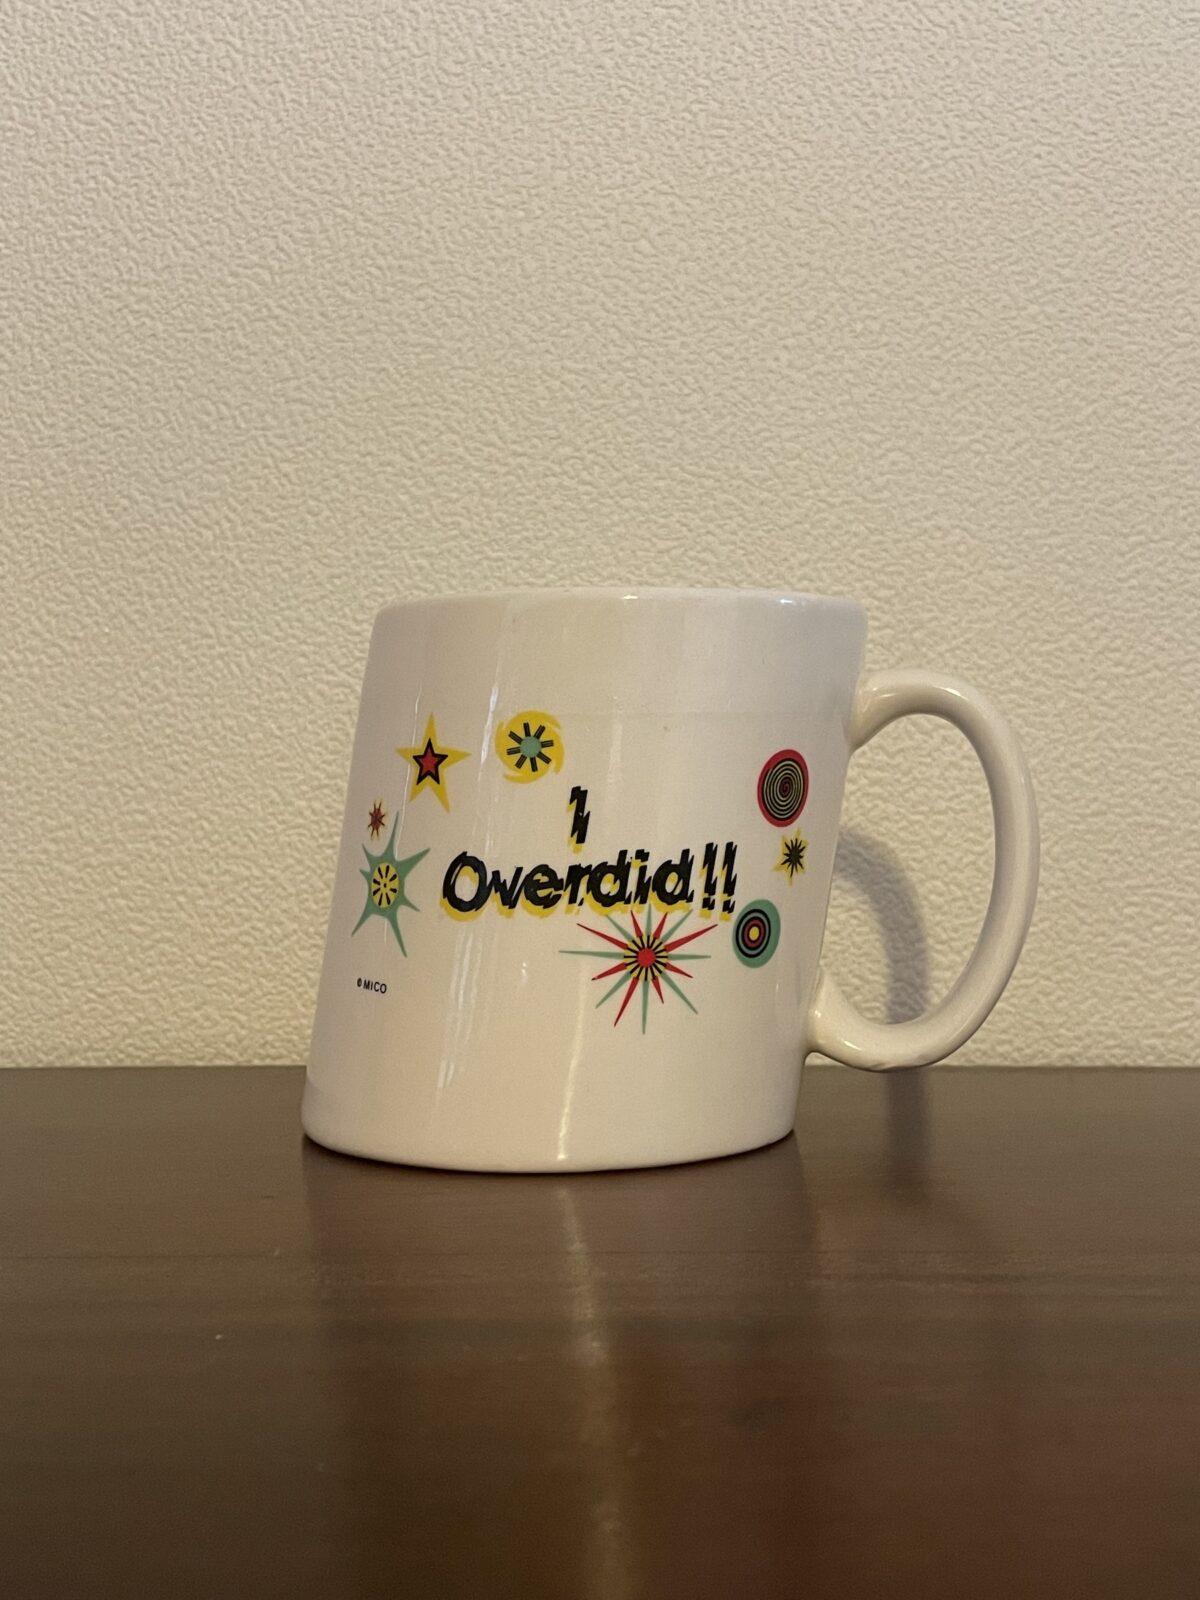 """斜めに傾向ているマグ。""""I overdid""""と書かれているので、おそらく飲みすぎた人には世界が斜めに見えるということを表現している。前述の「YAMASTORE」で購入。"""